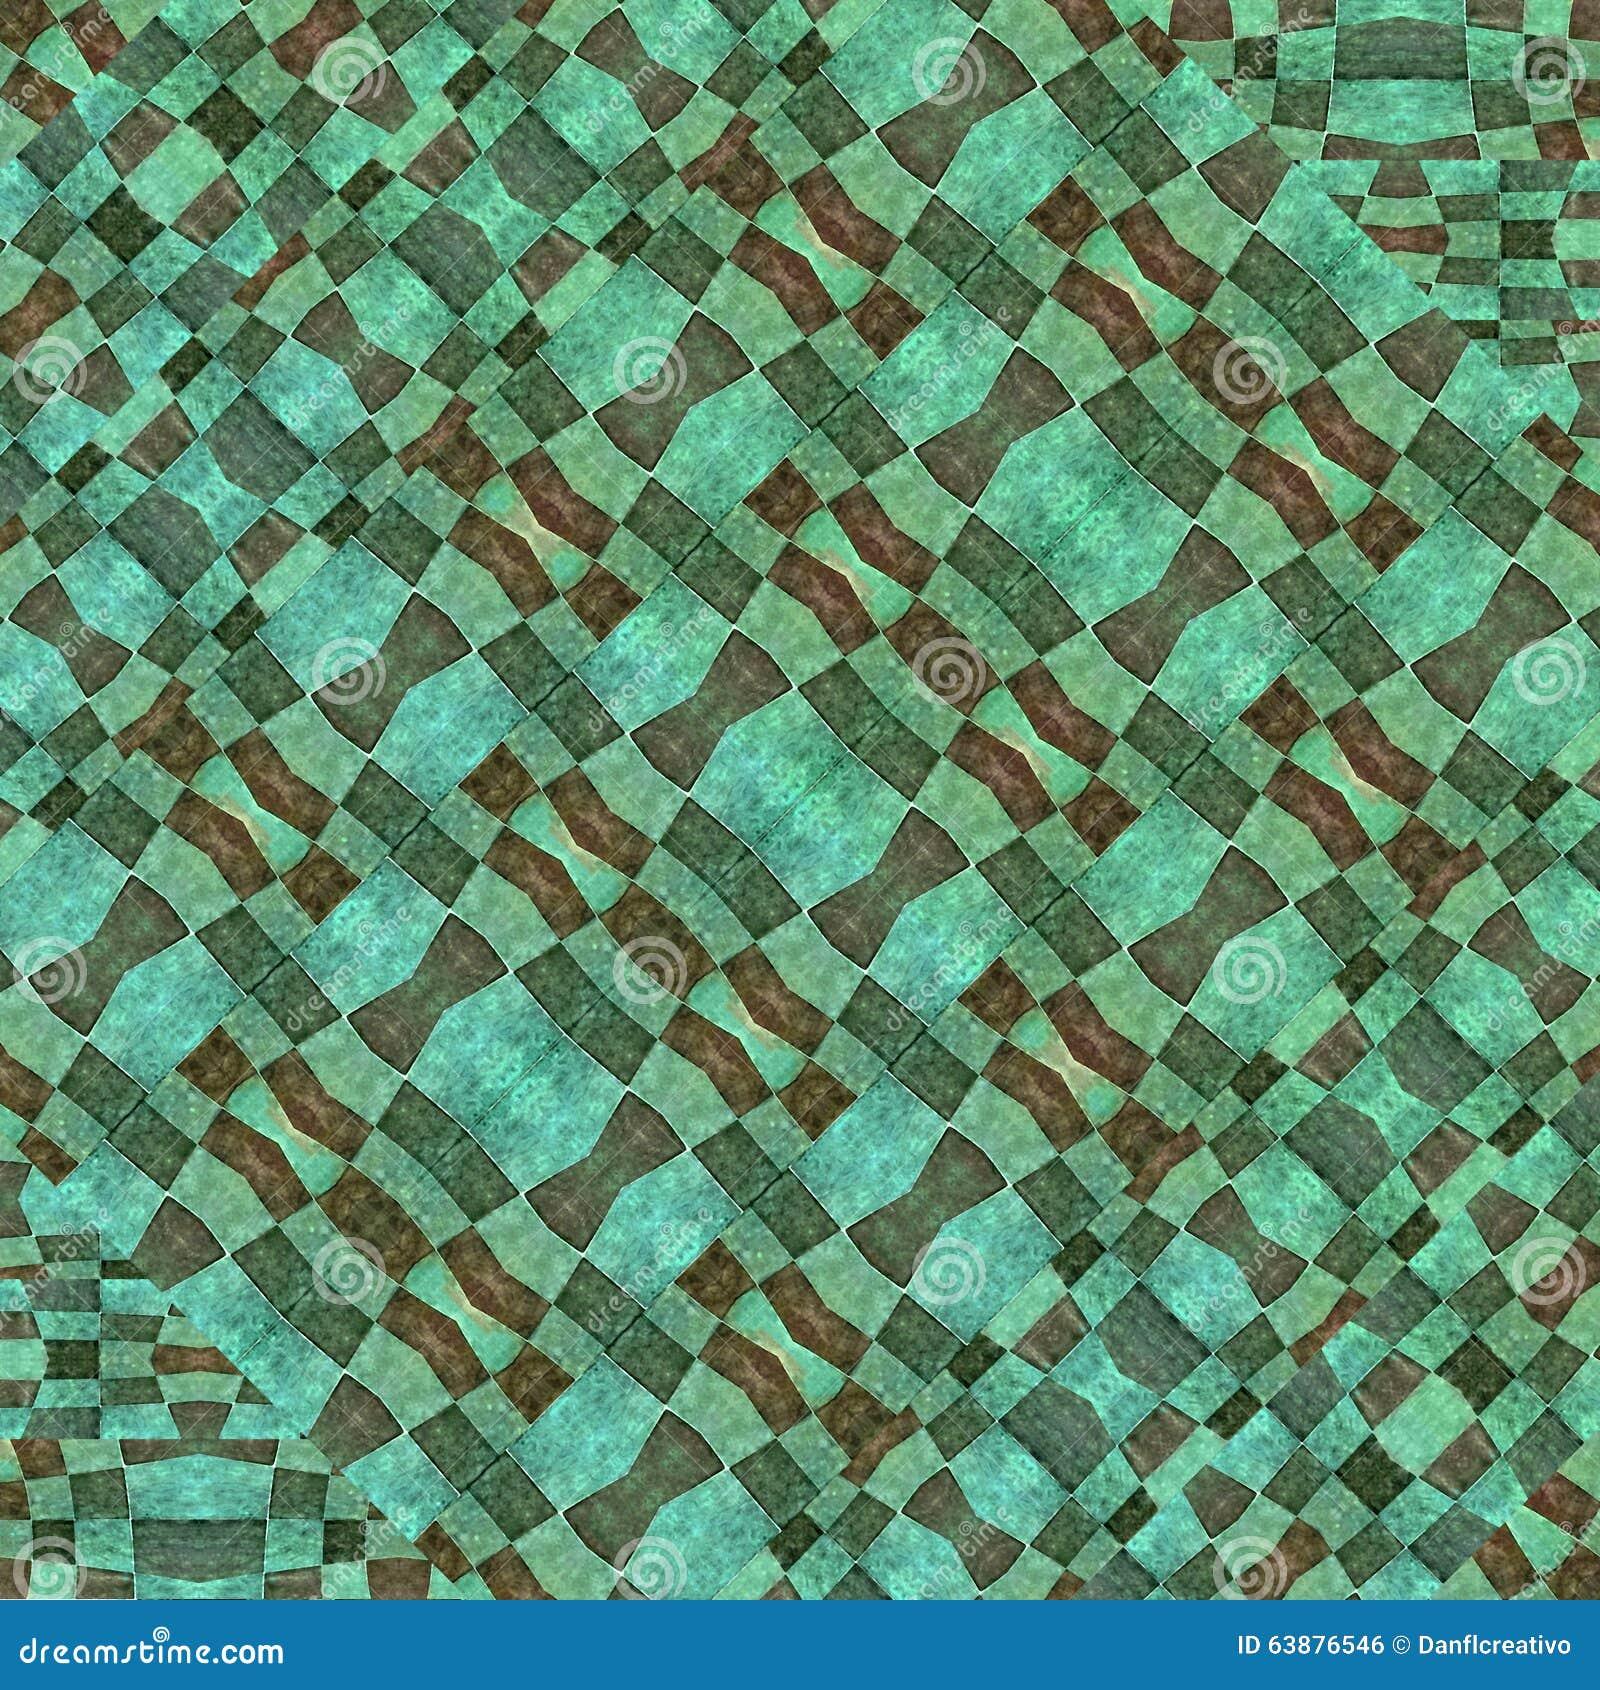 Colorful Modern Geometric Pattern Mosaic Stock